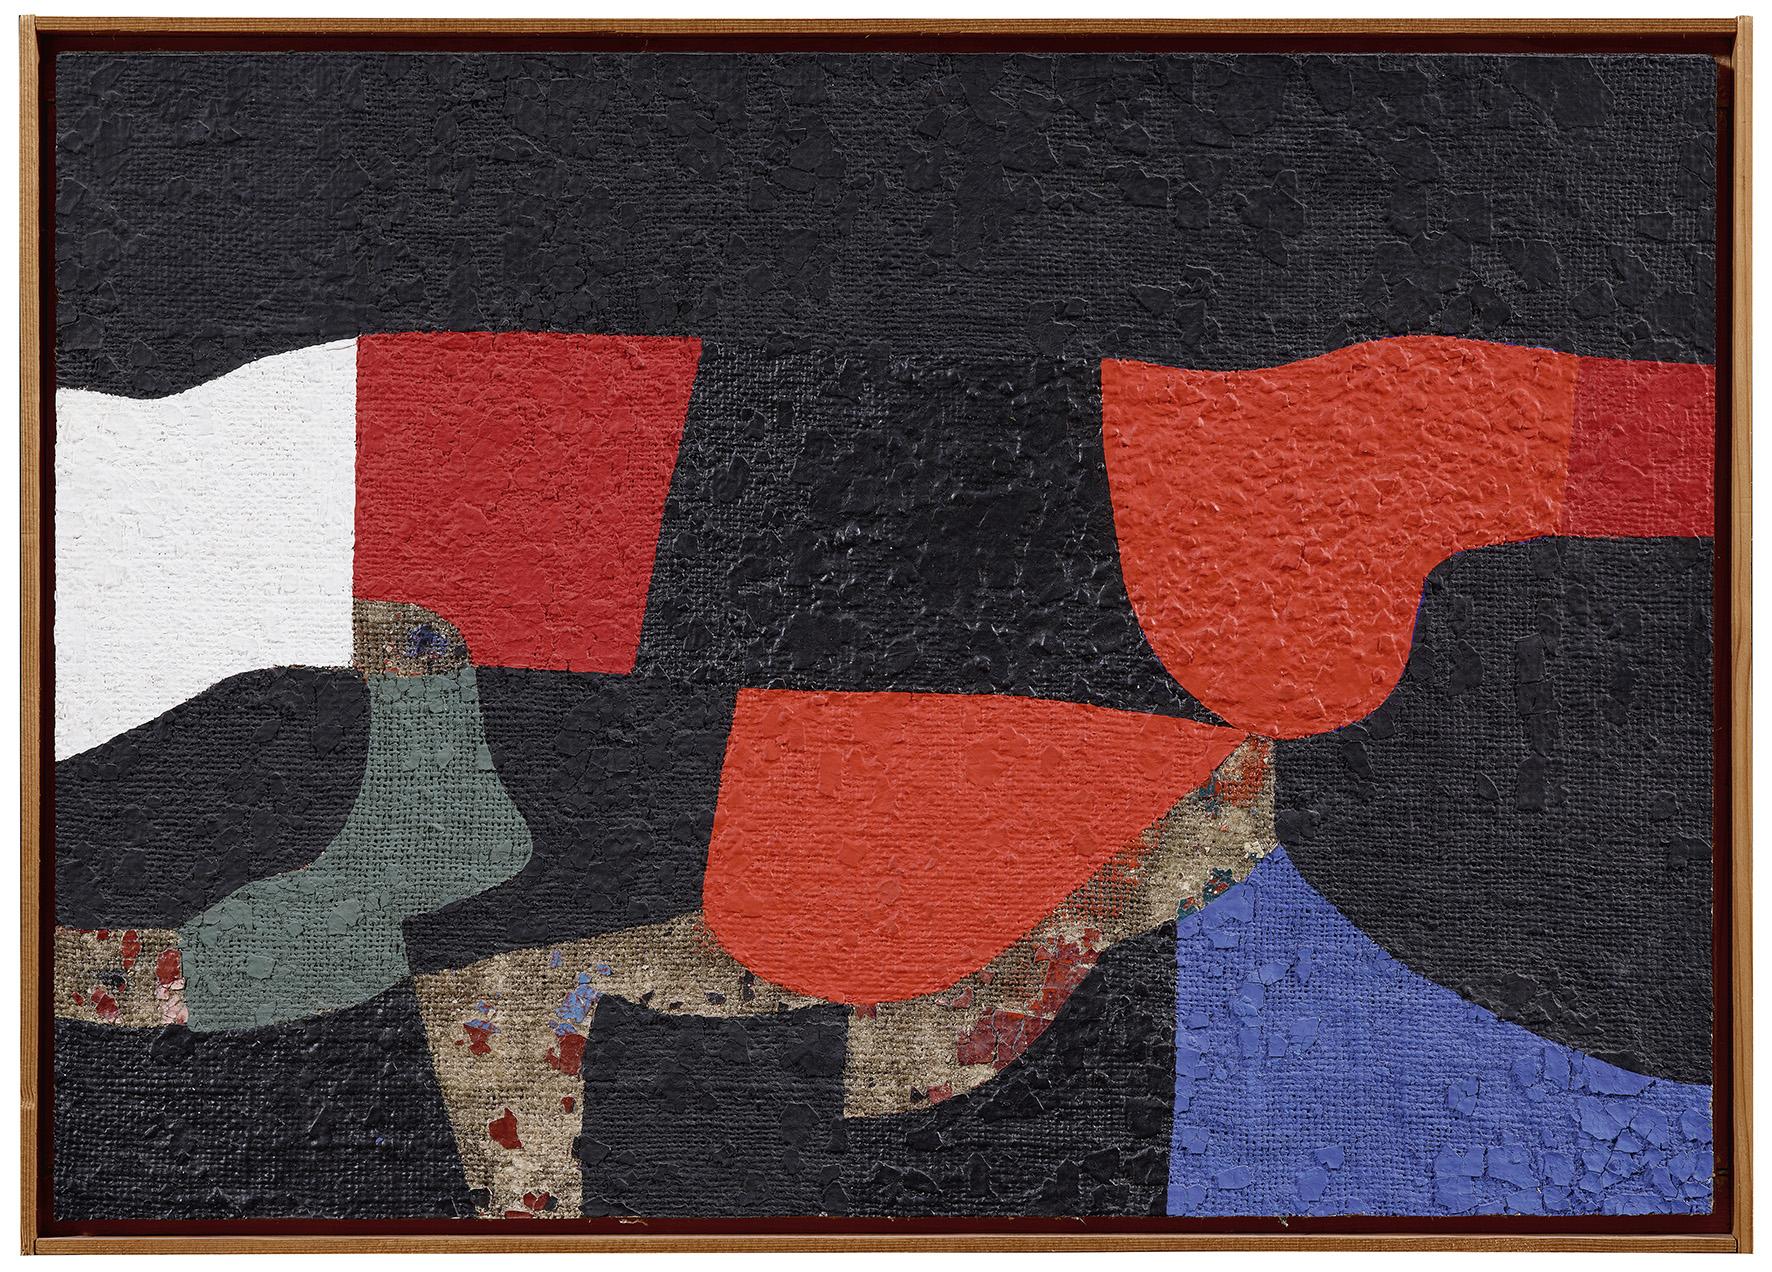 Alberto Burri ,Ohne Titel, 1947/1988, Acryl und Vinylkleber auf Leinwand auf Tafel, im Künstlerrahmen, 44 x 61,5 cm, € 140.000 – 180.000